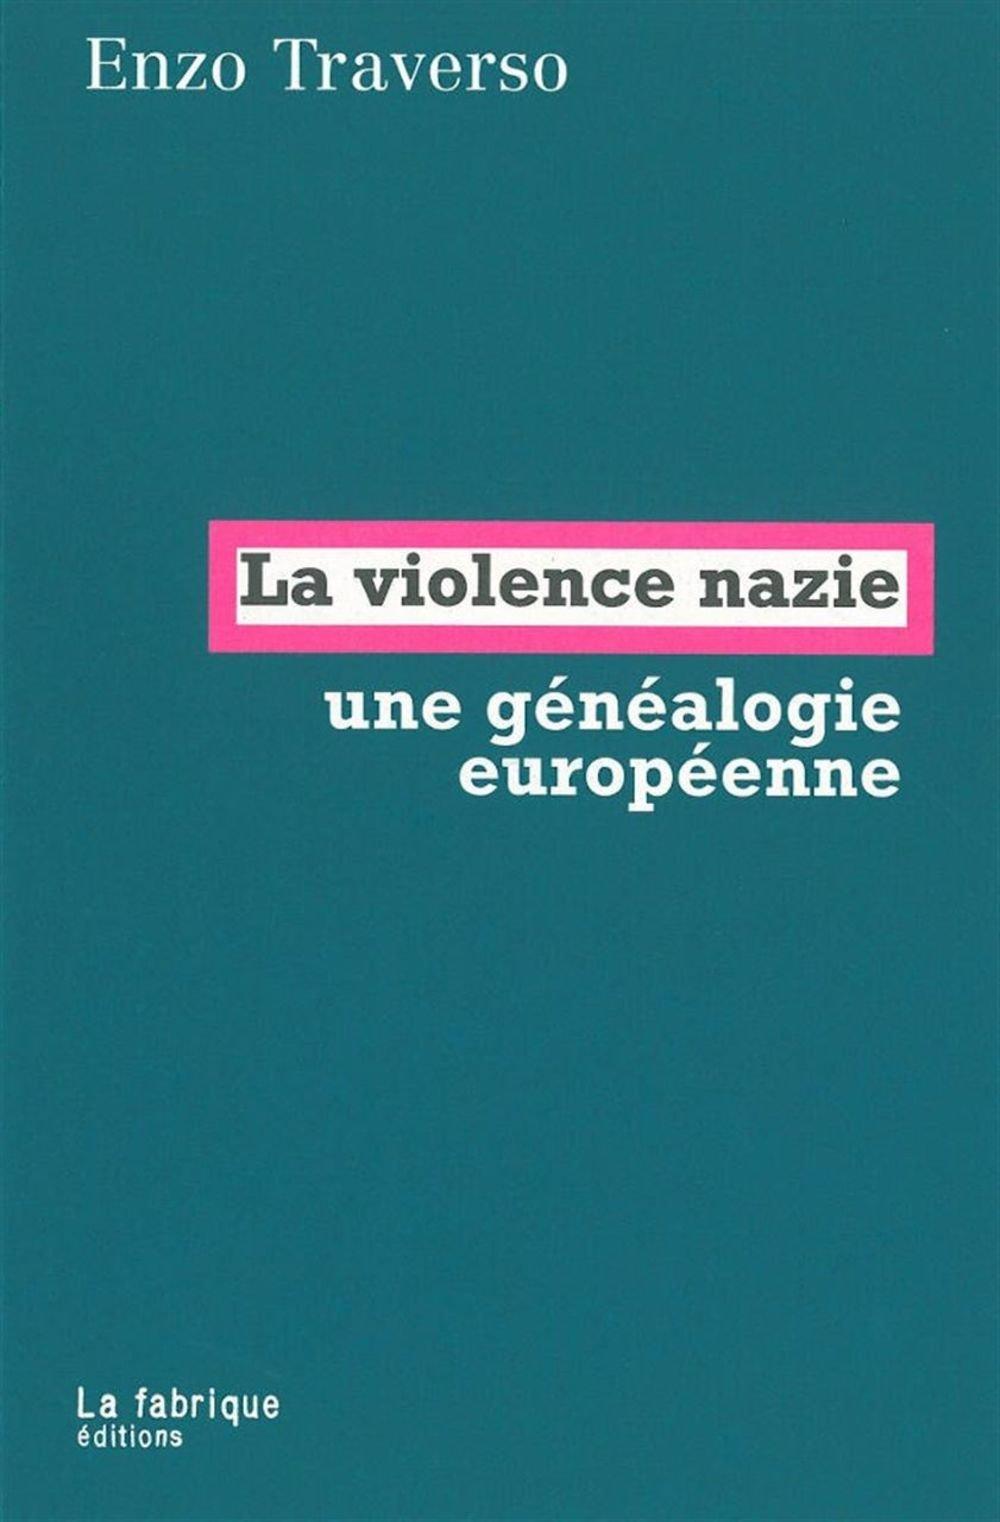 """Résultat de recherche d'images pour """"La violence nazie Une généalogie européenne - Enzo Traverso"""""""